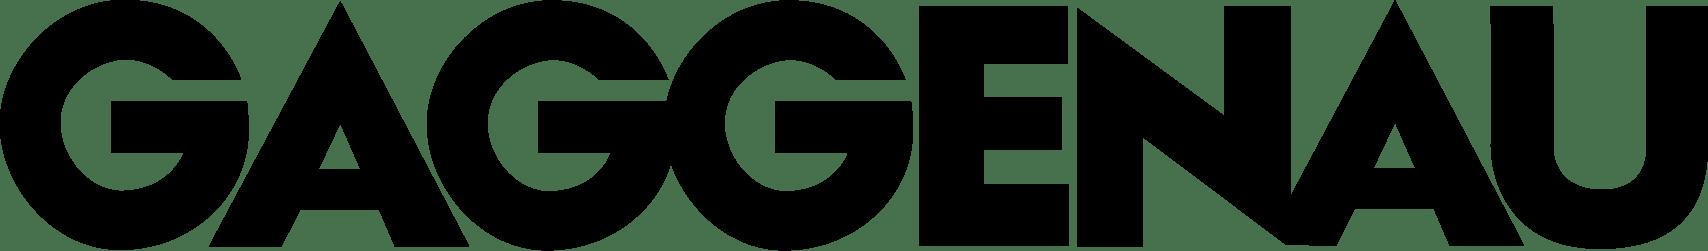 gaggenau_pos-sagaseta